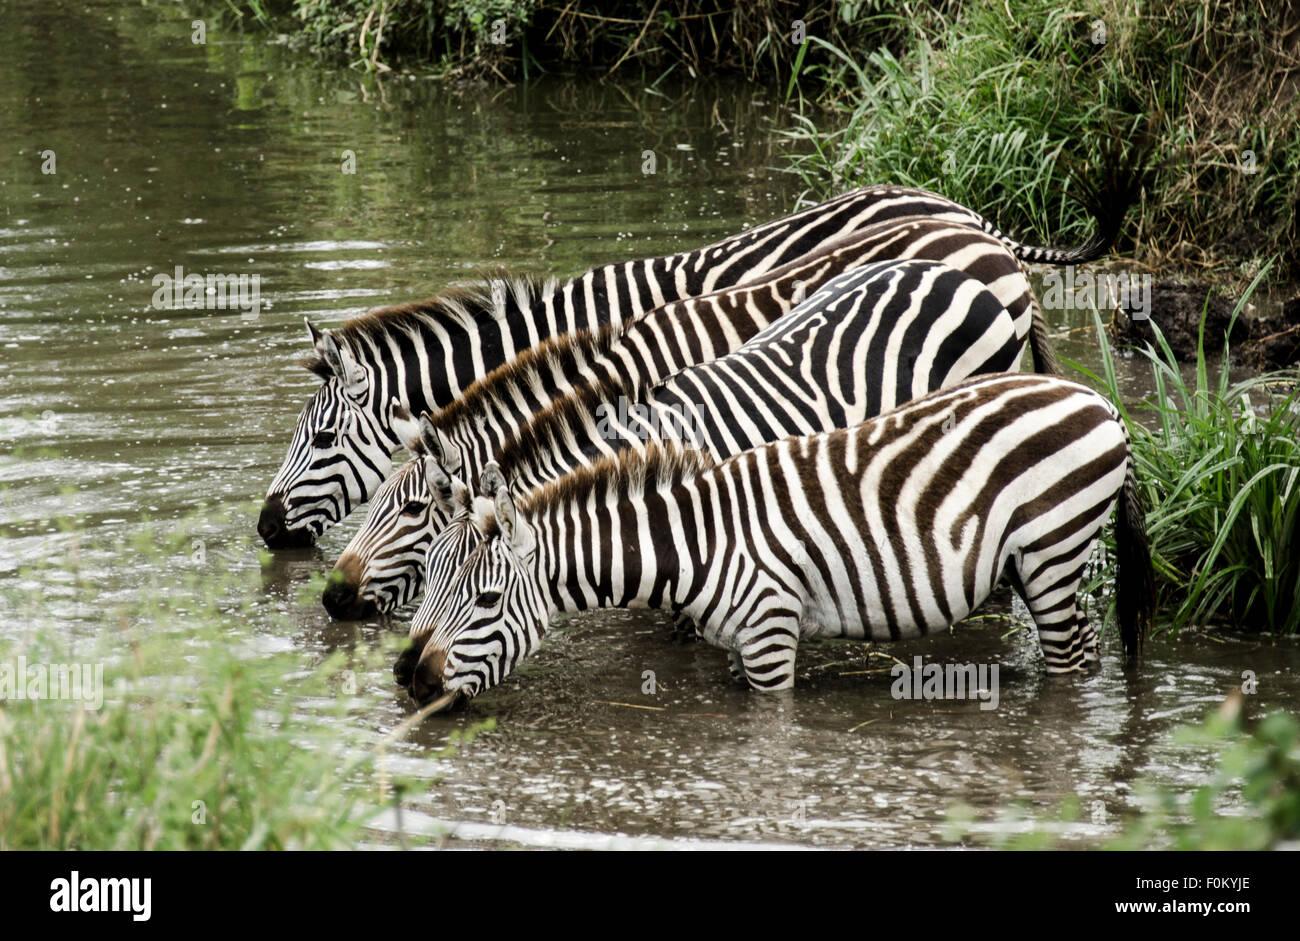 In Sync Zebras. - Stock Image